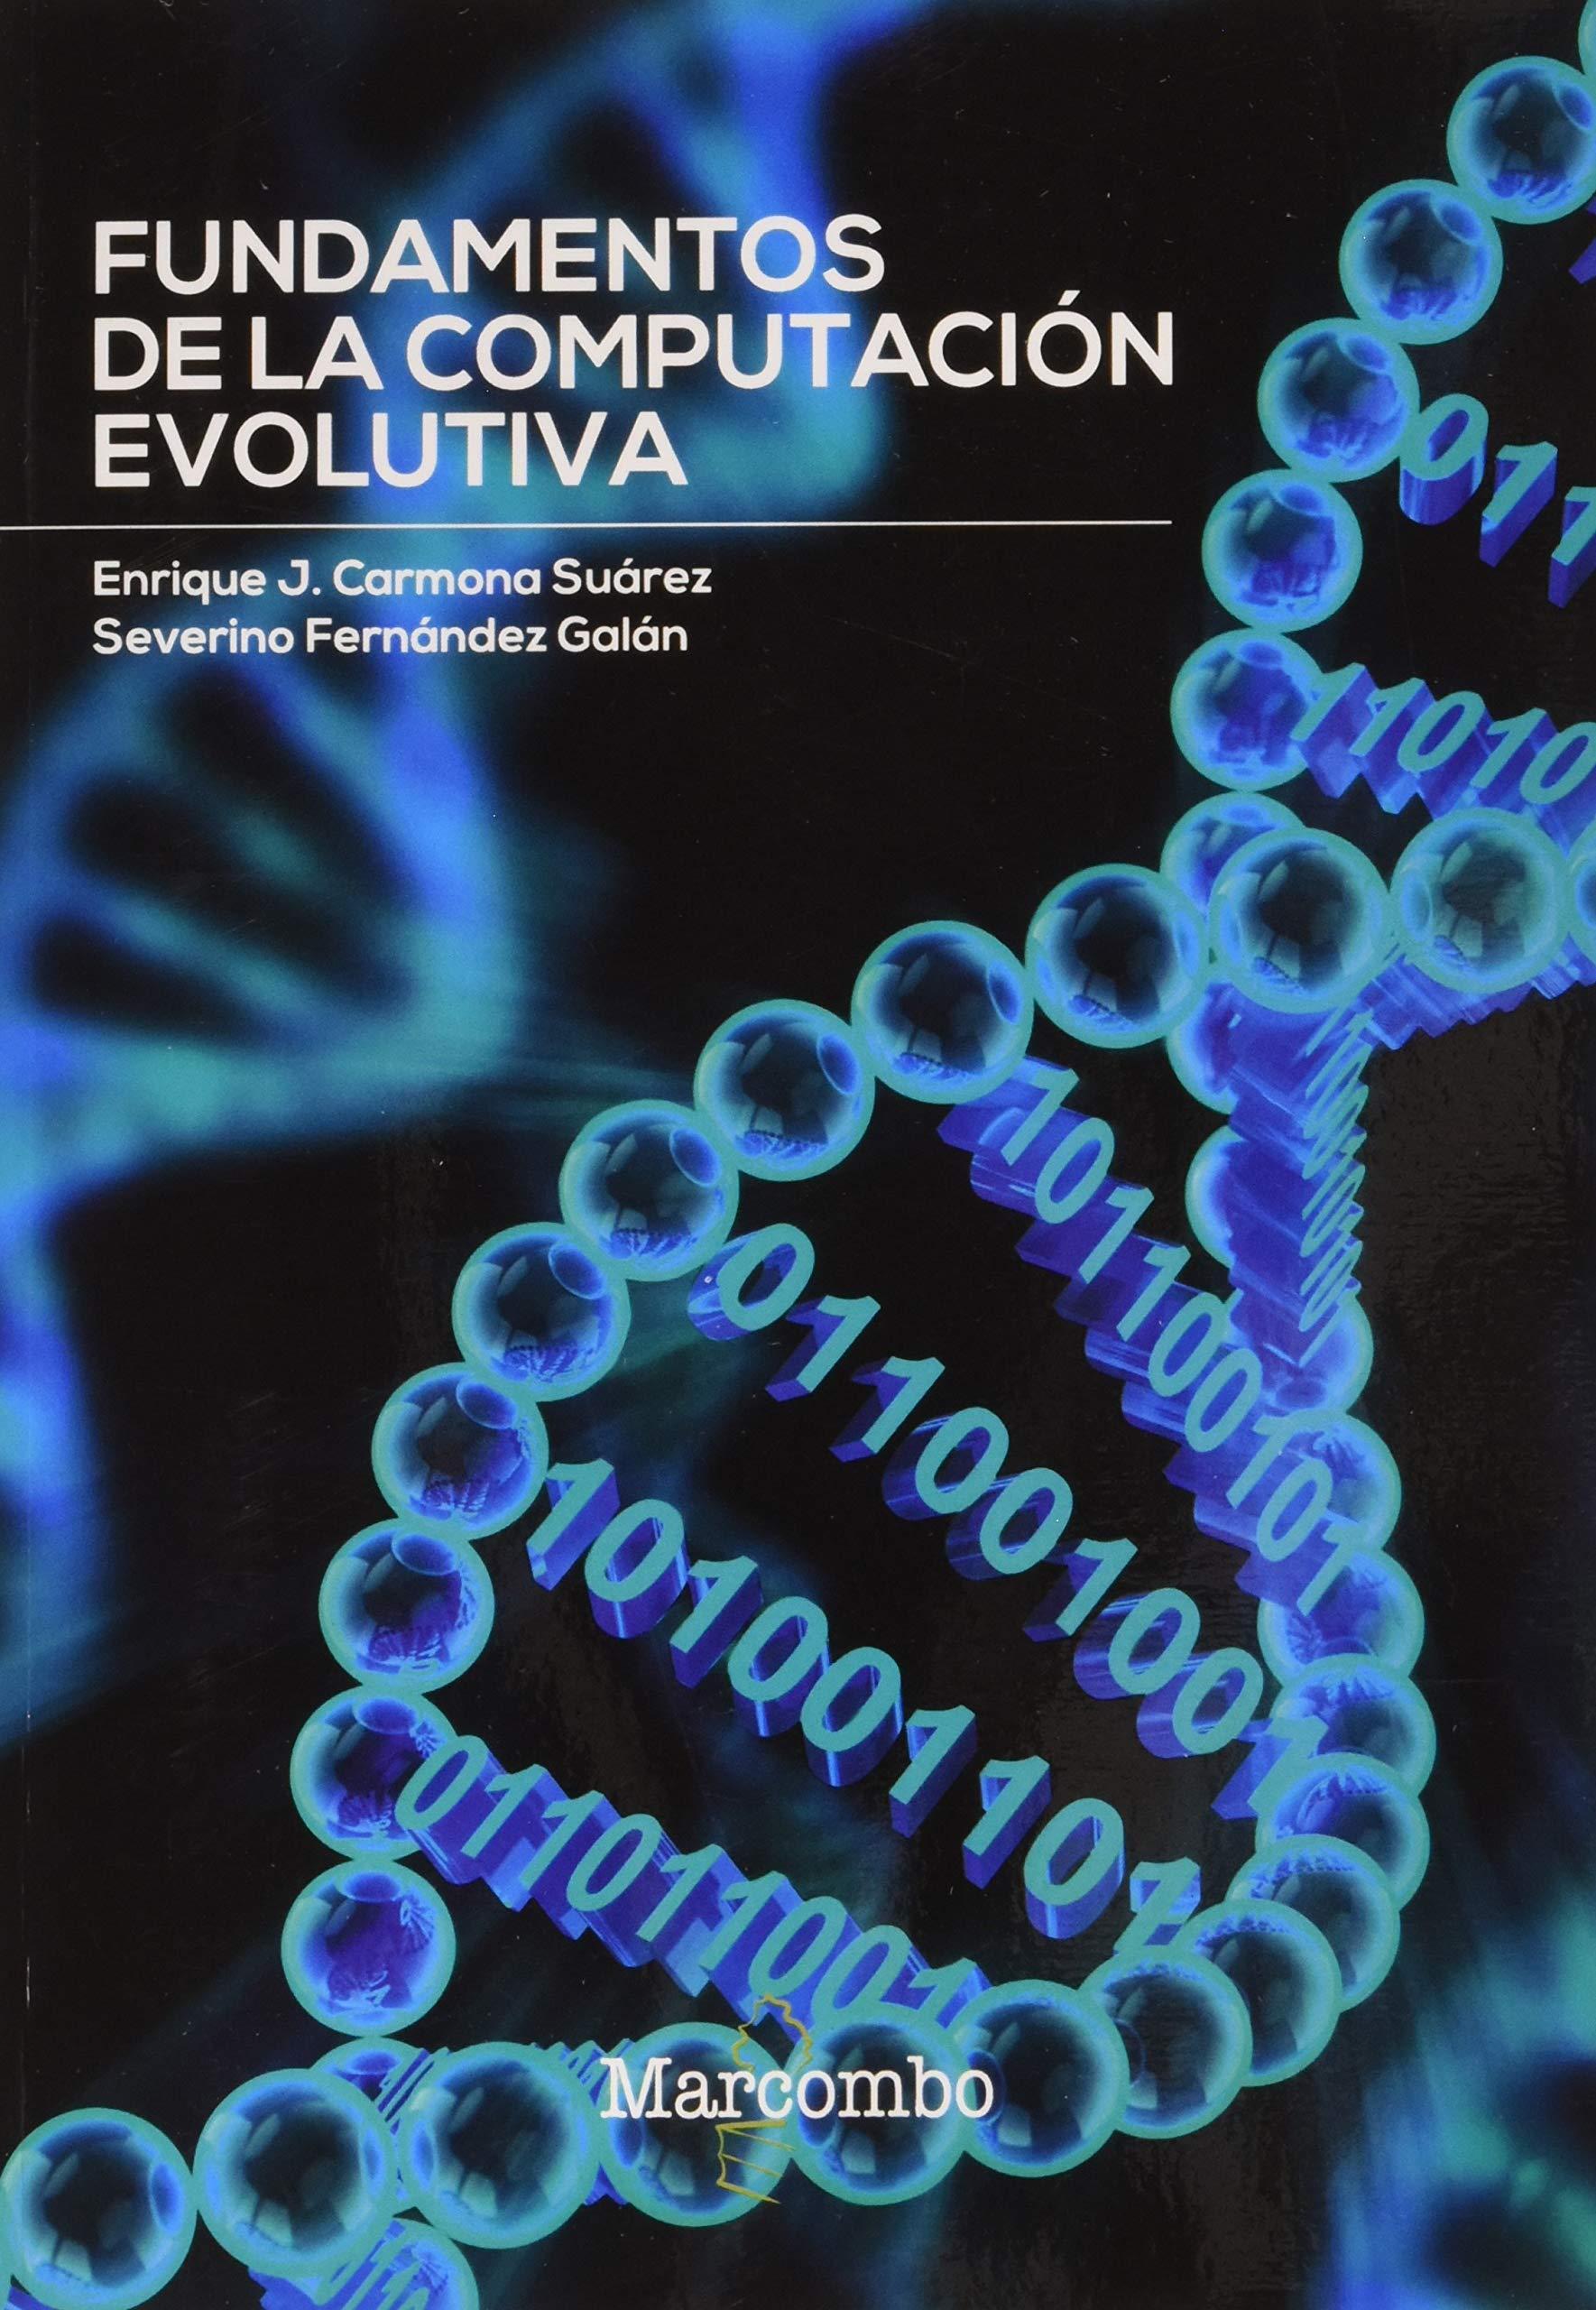 Fundamentos de la computación evolutiva de Enrique J. Carmona SuárezySeverino Fernández Galán